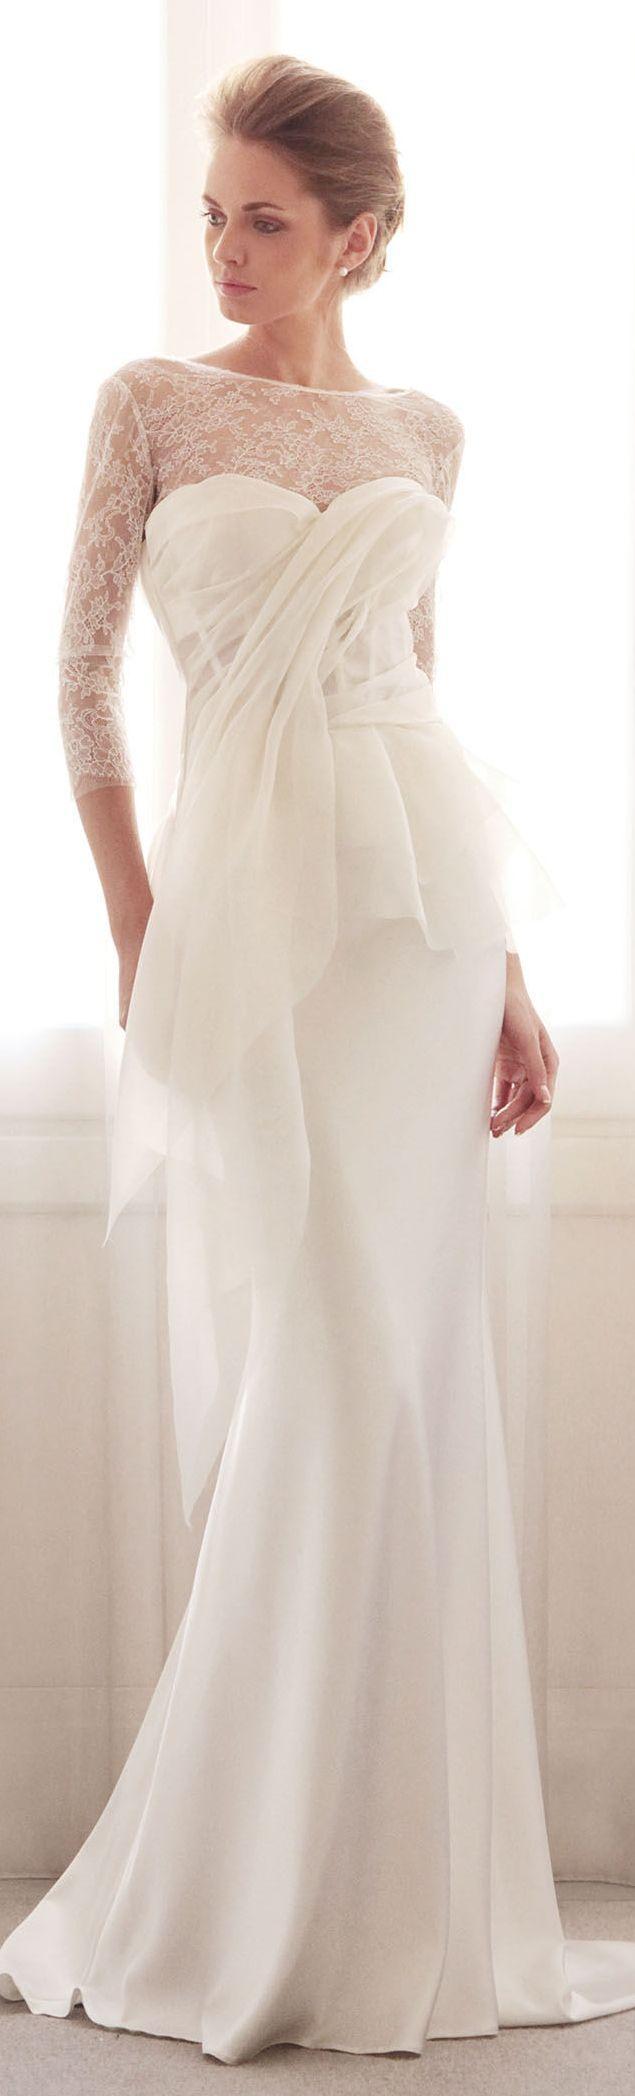 Wedding - Gemy Maalouf Bridal S/S 2014